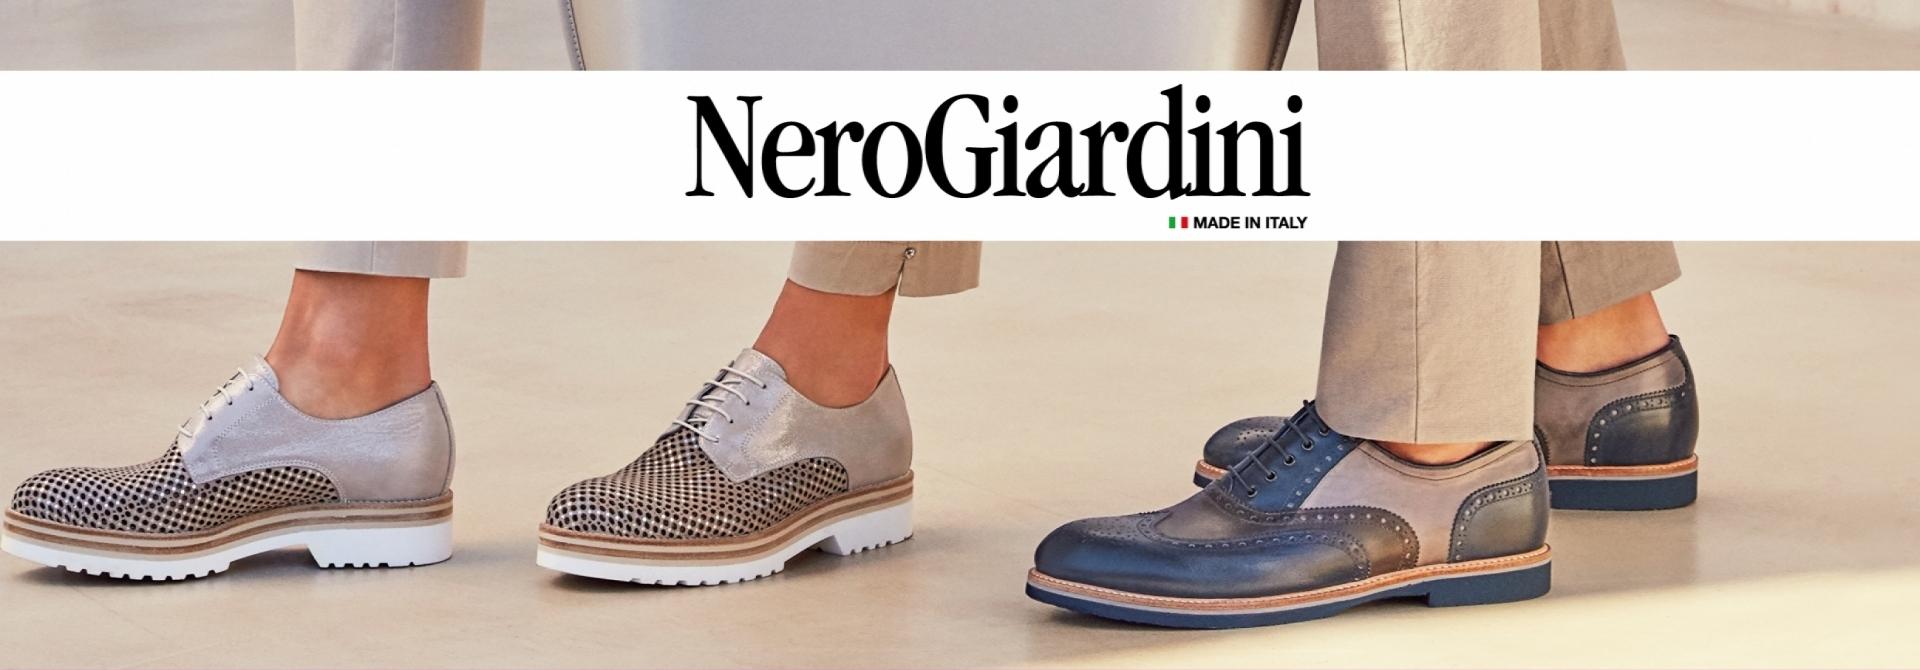 NEROGIARDINI - Dizionario della moda Mame c65f9470304